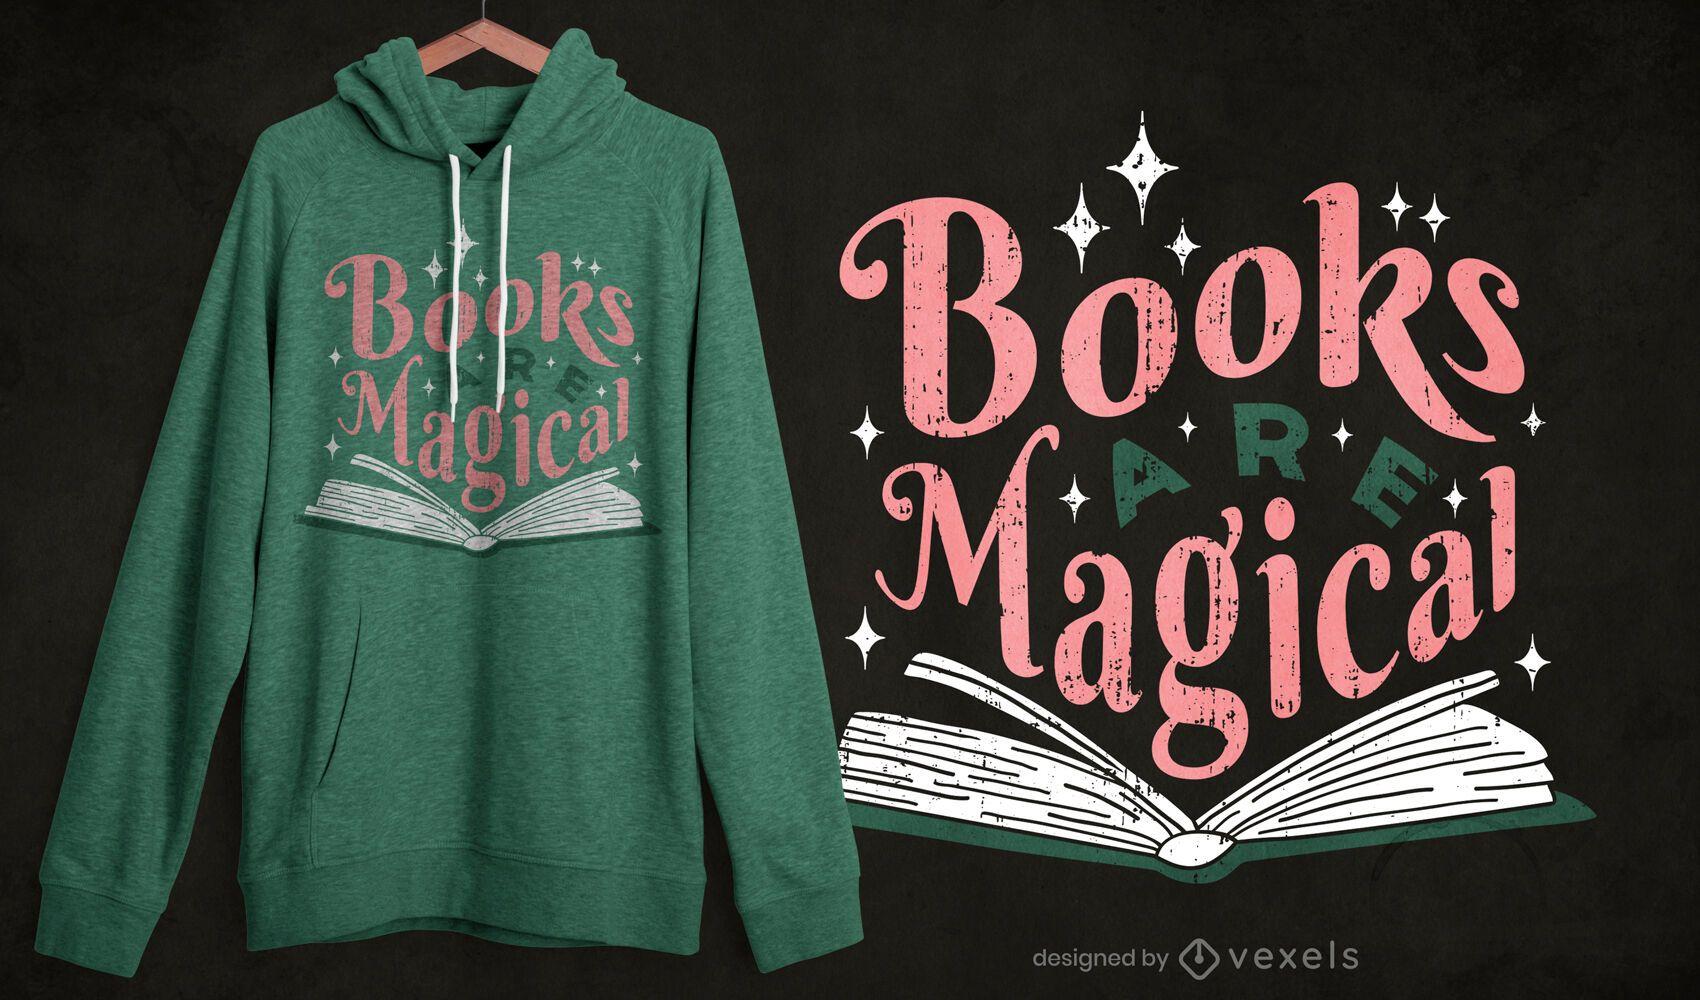 Los libros son un diseño mágico de camisetas.